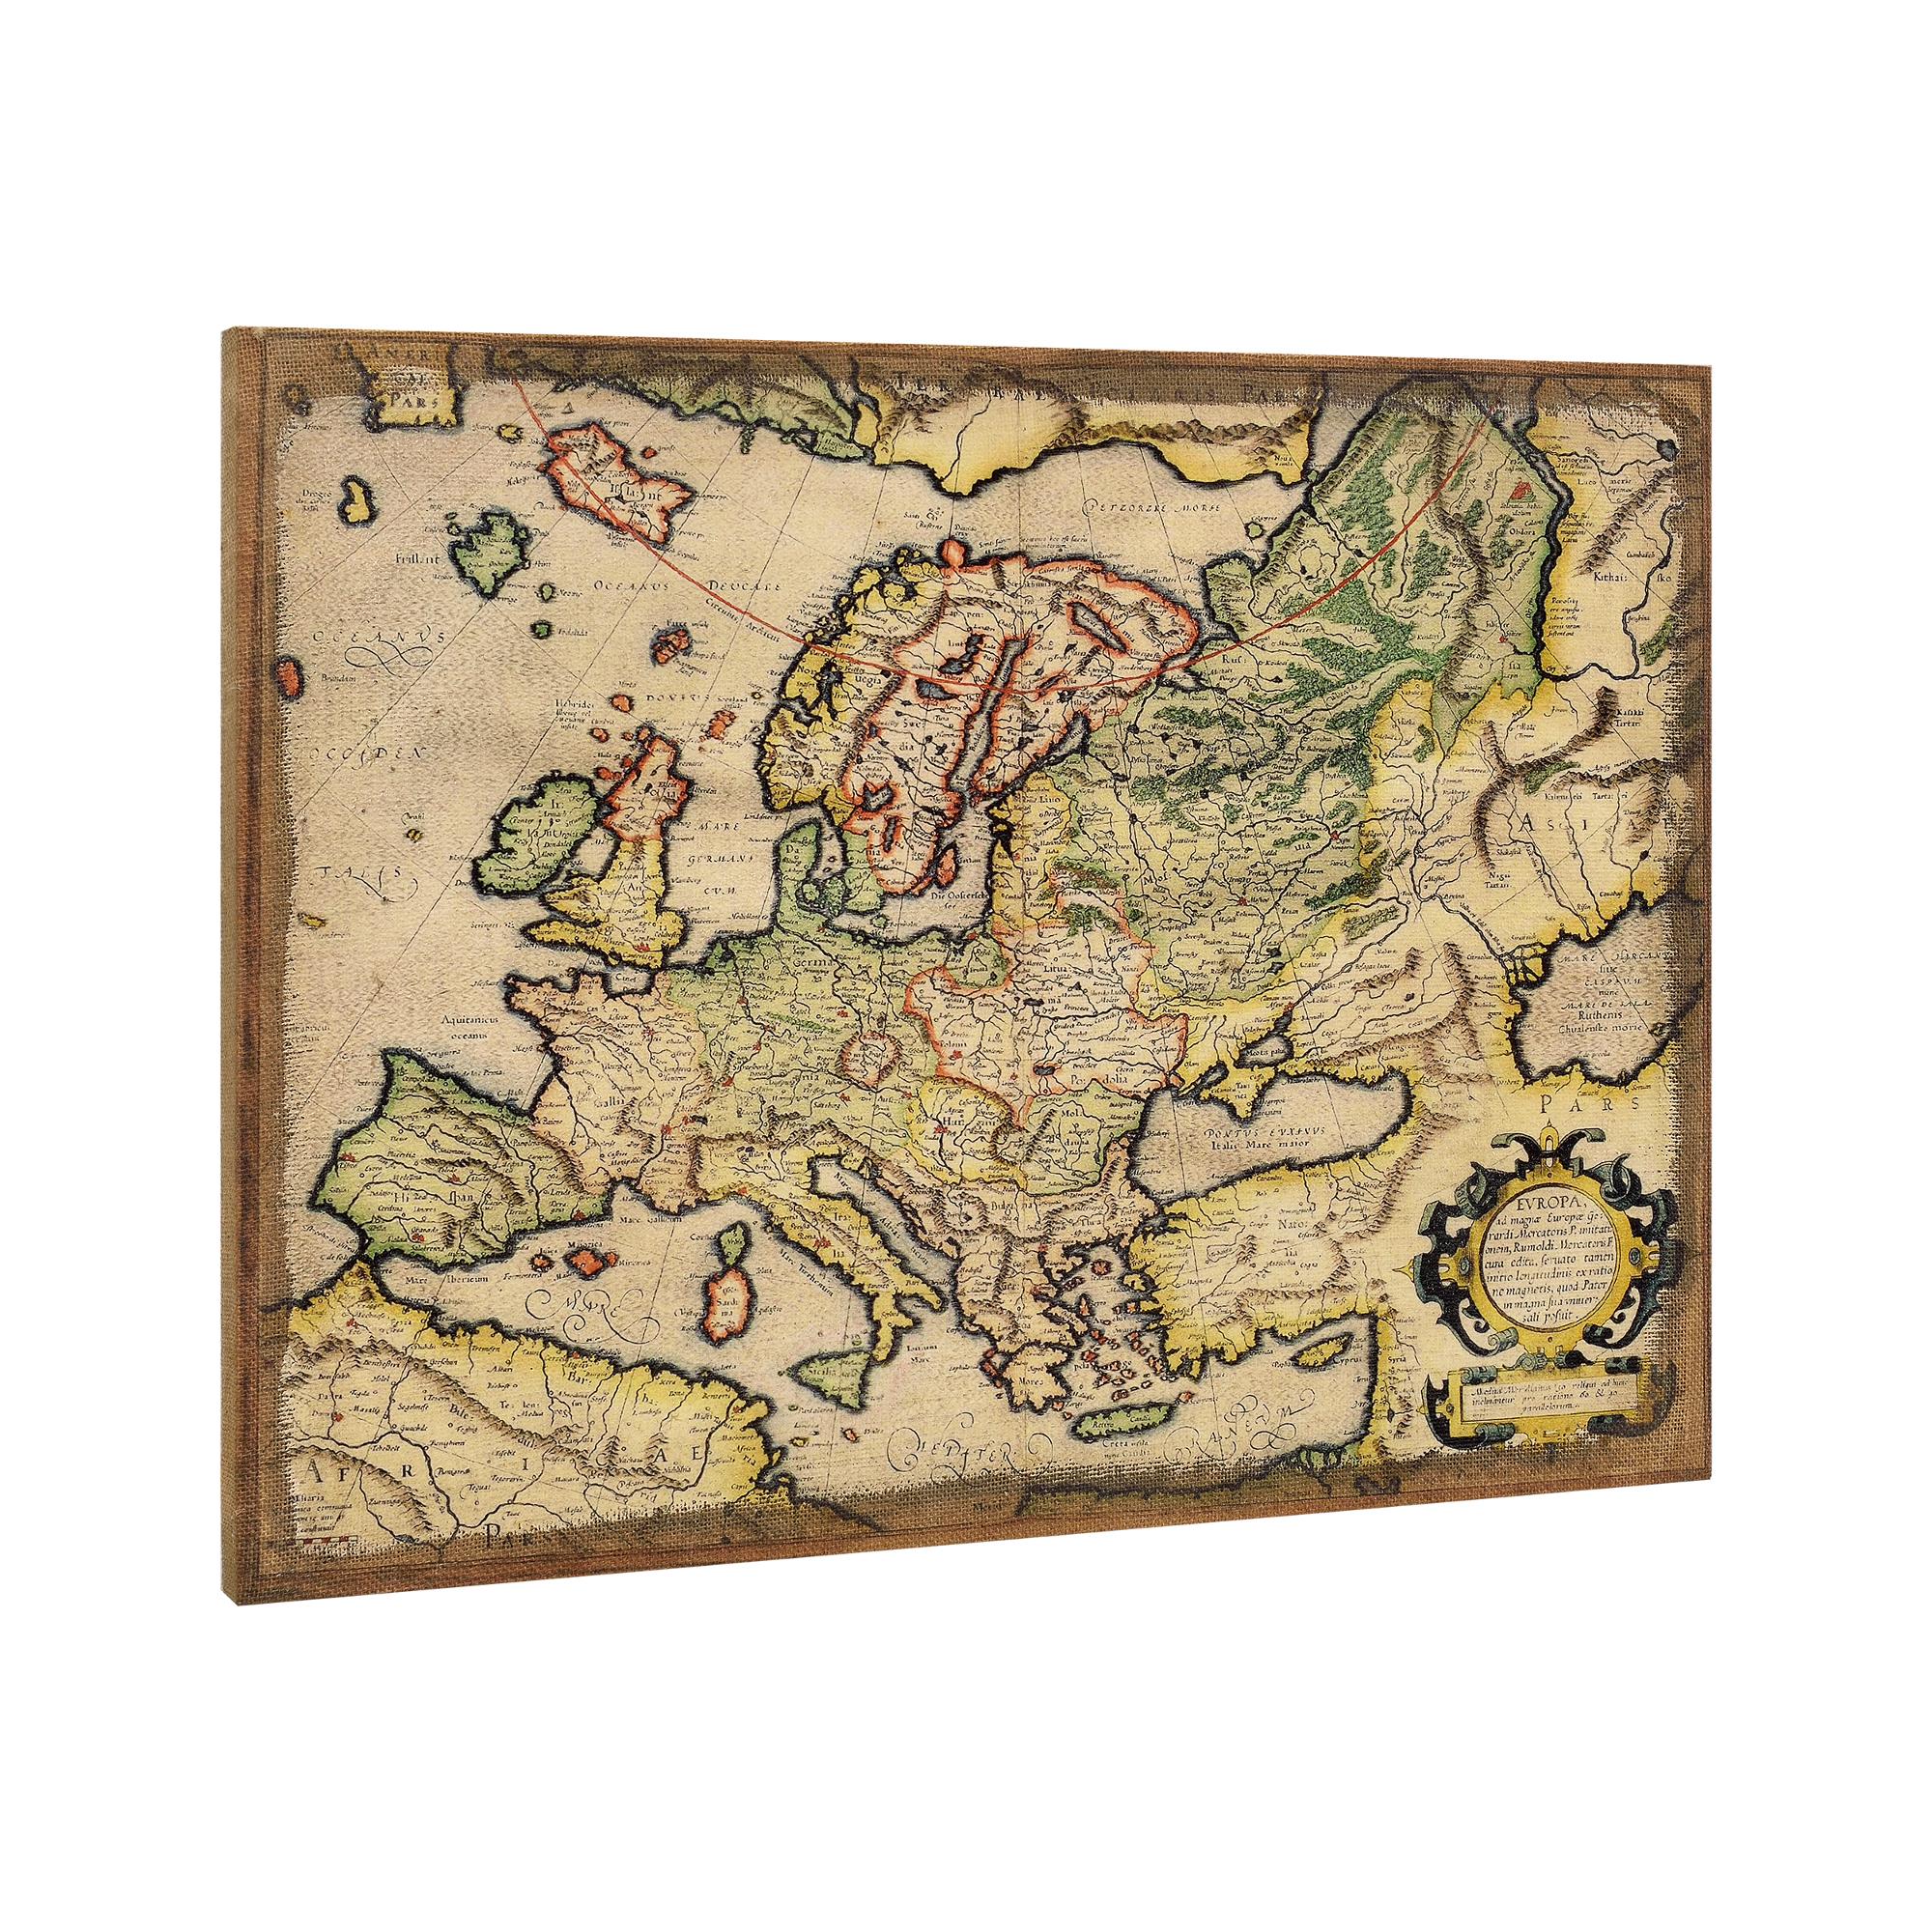 [art.work] Designový obraz na stěnu - mapa Evropy - zarámovaný - 60x80x2,8 cm